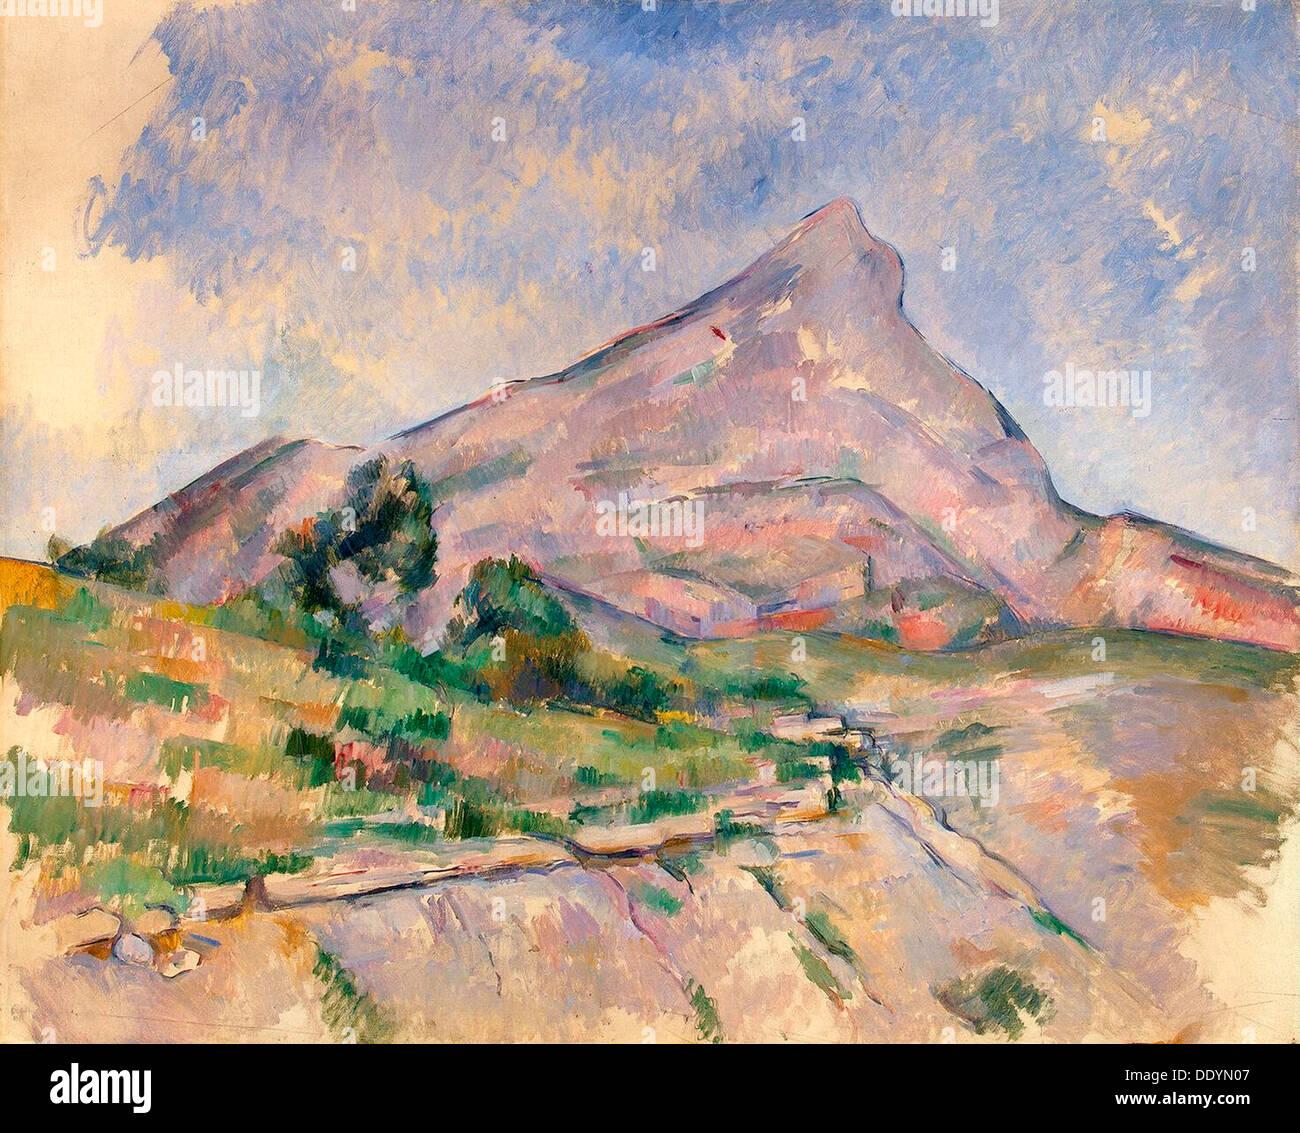 'Mont Sainte-Victoire', 1897-1898.  Artist: Paul Cezanne - Stock Image